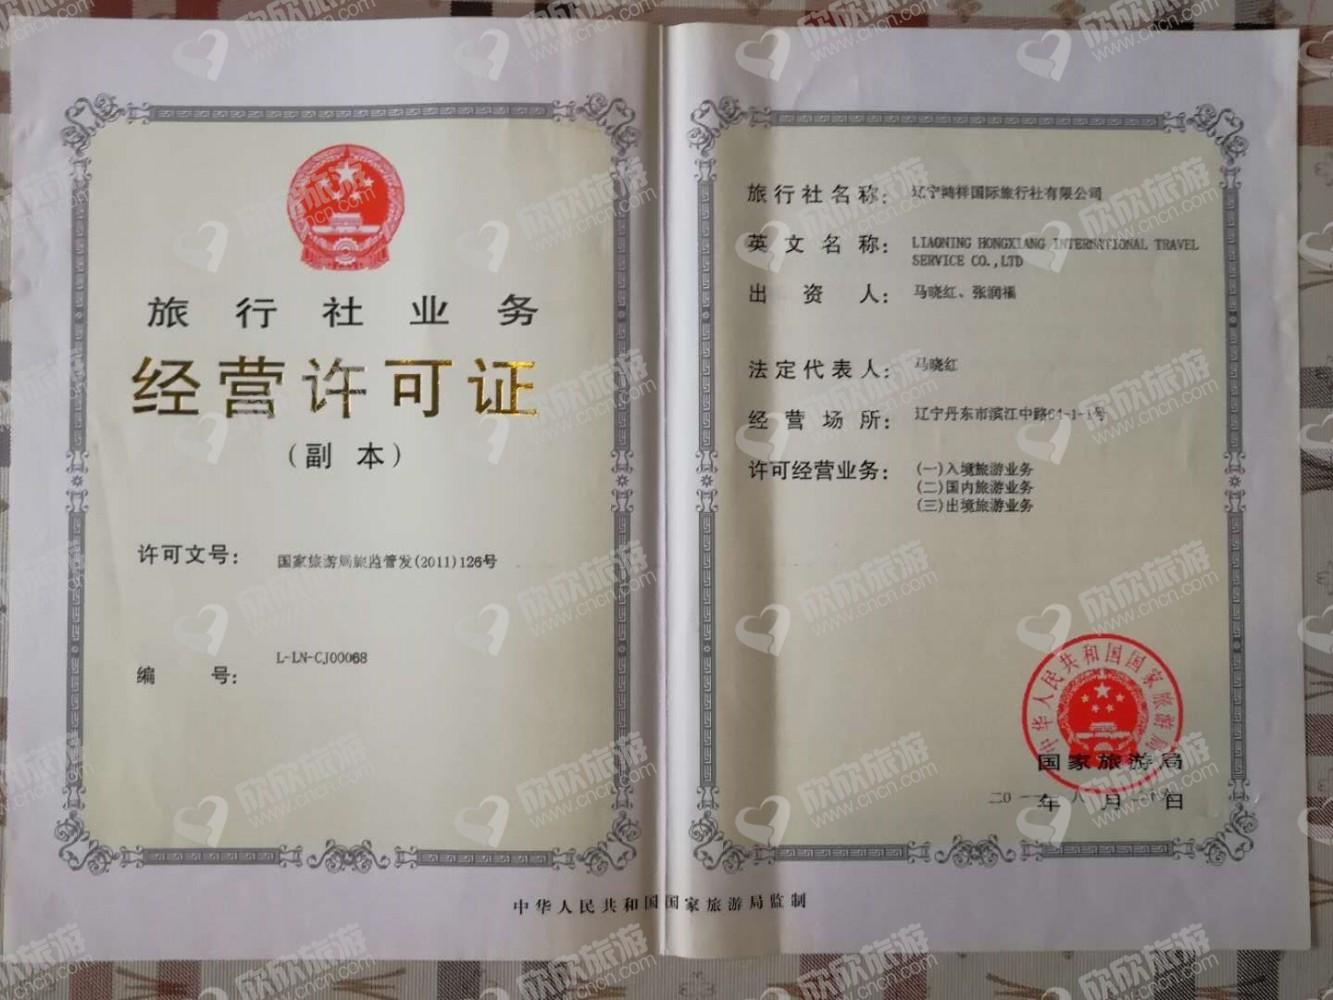 辽宁鸿祥国际旅行有限公司经营许可证